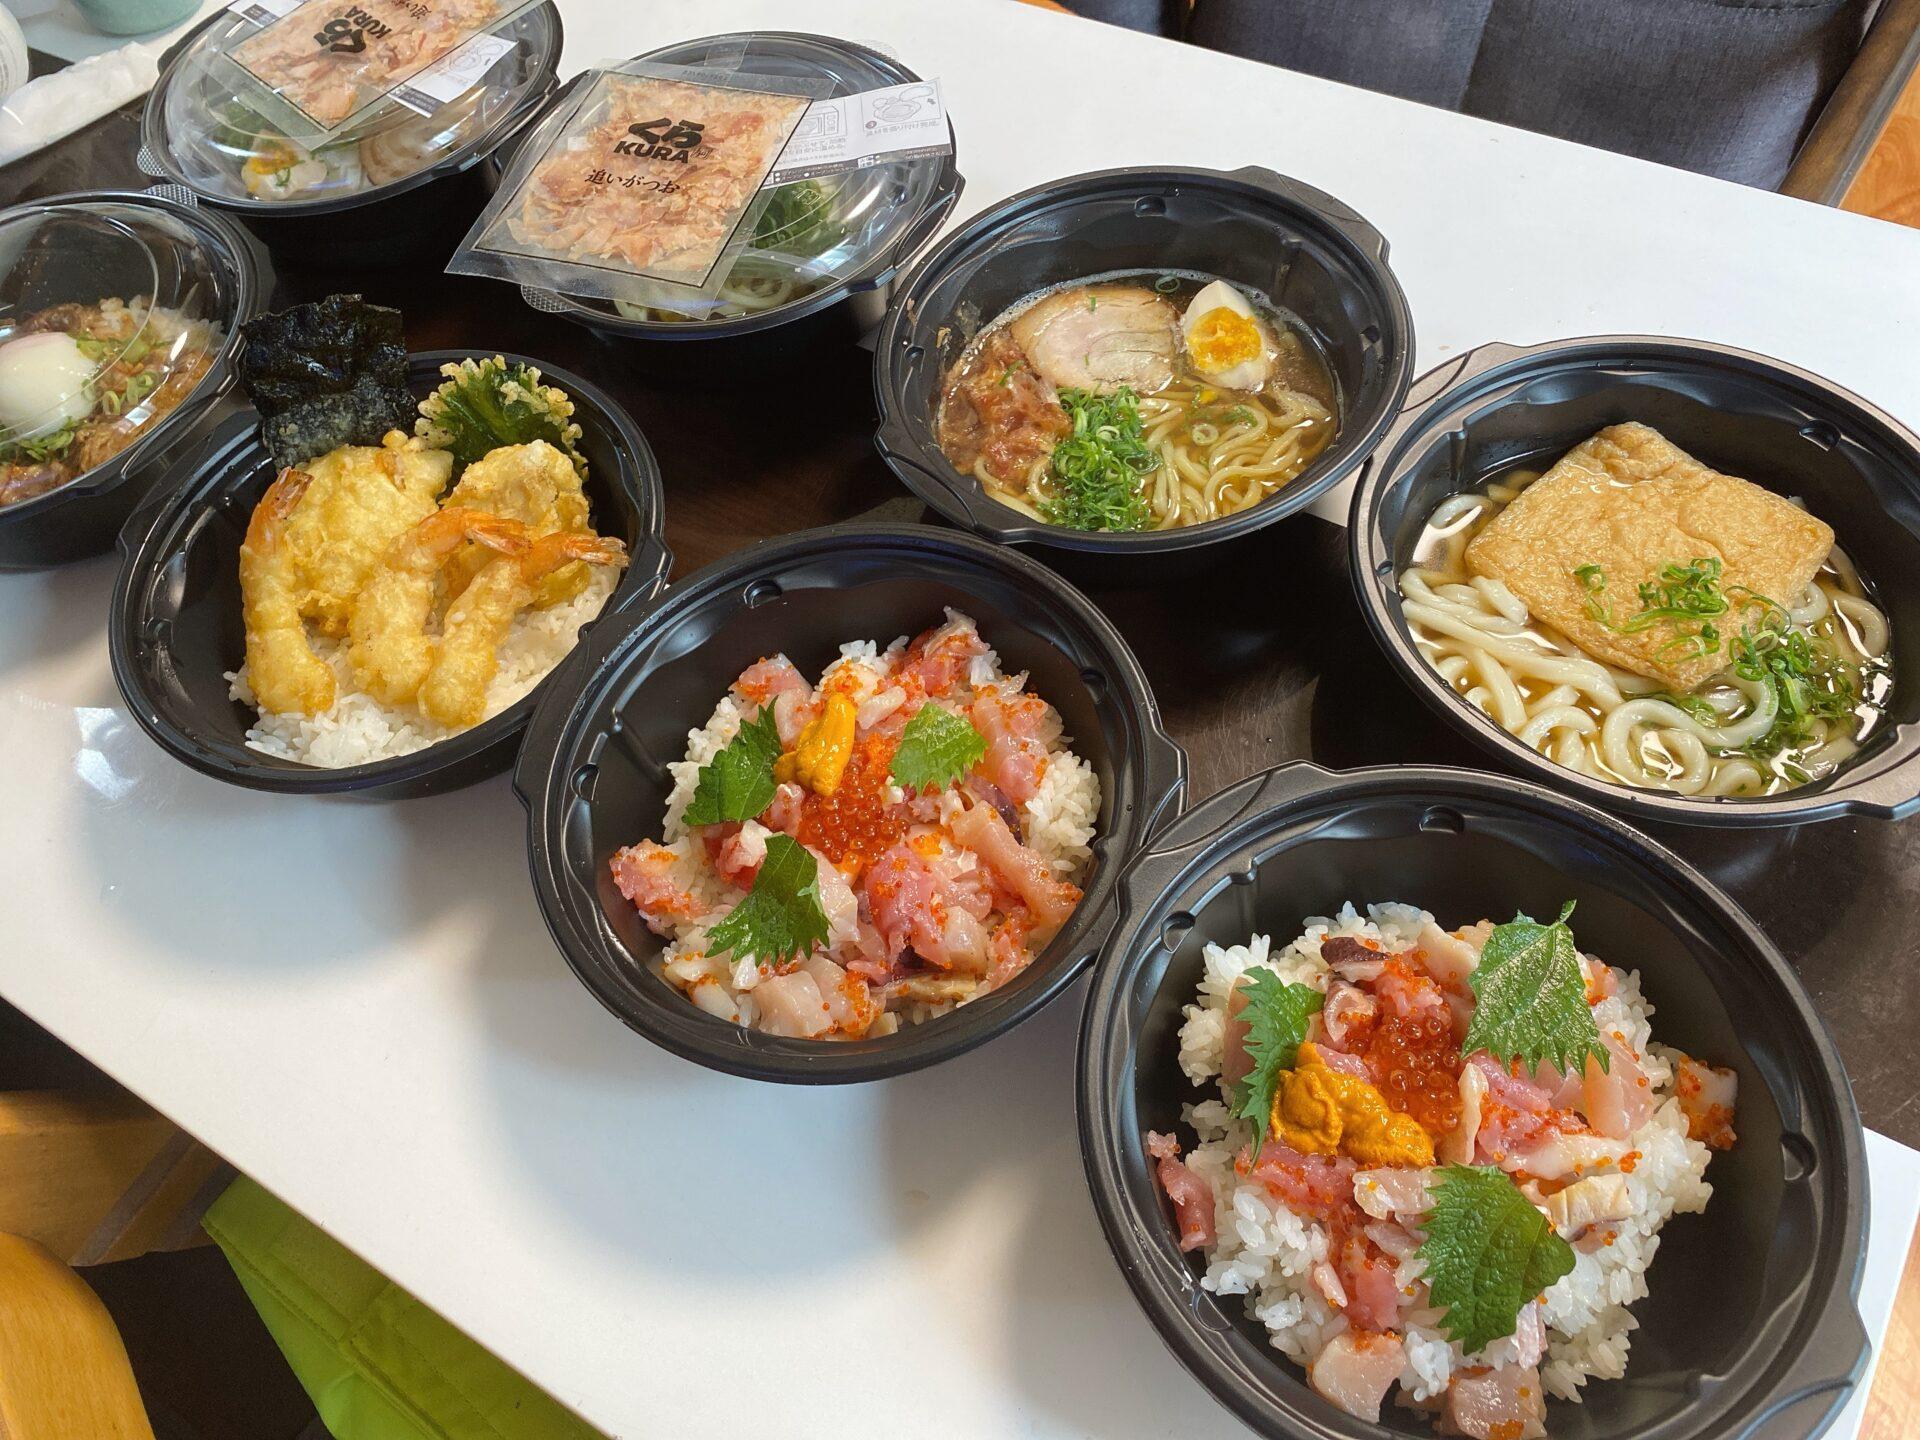 【岡山市中区のテイクアウト】くら寿司 感動のくらランチはコスパ最高!丼と麺類のセットがおススメ!